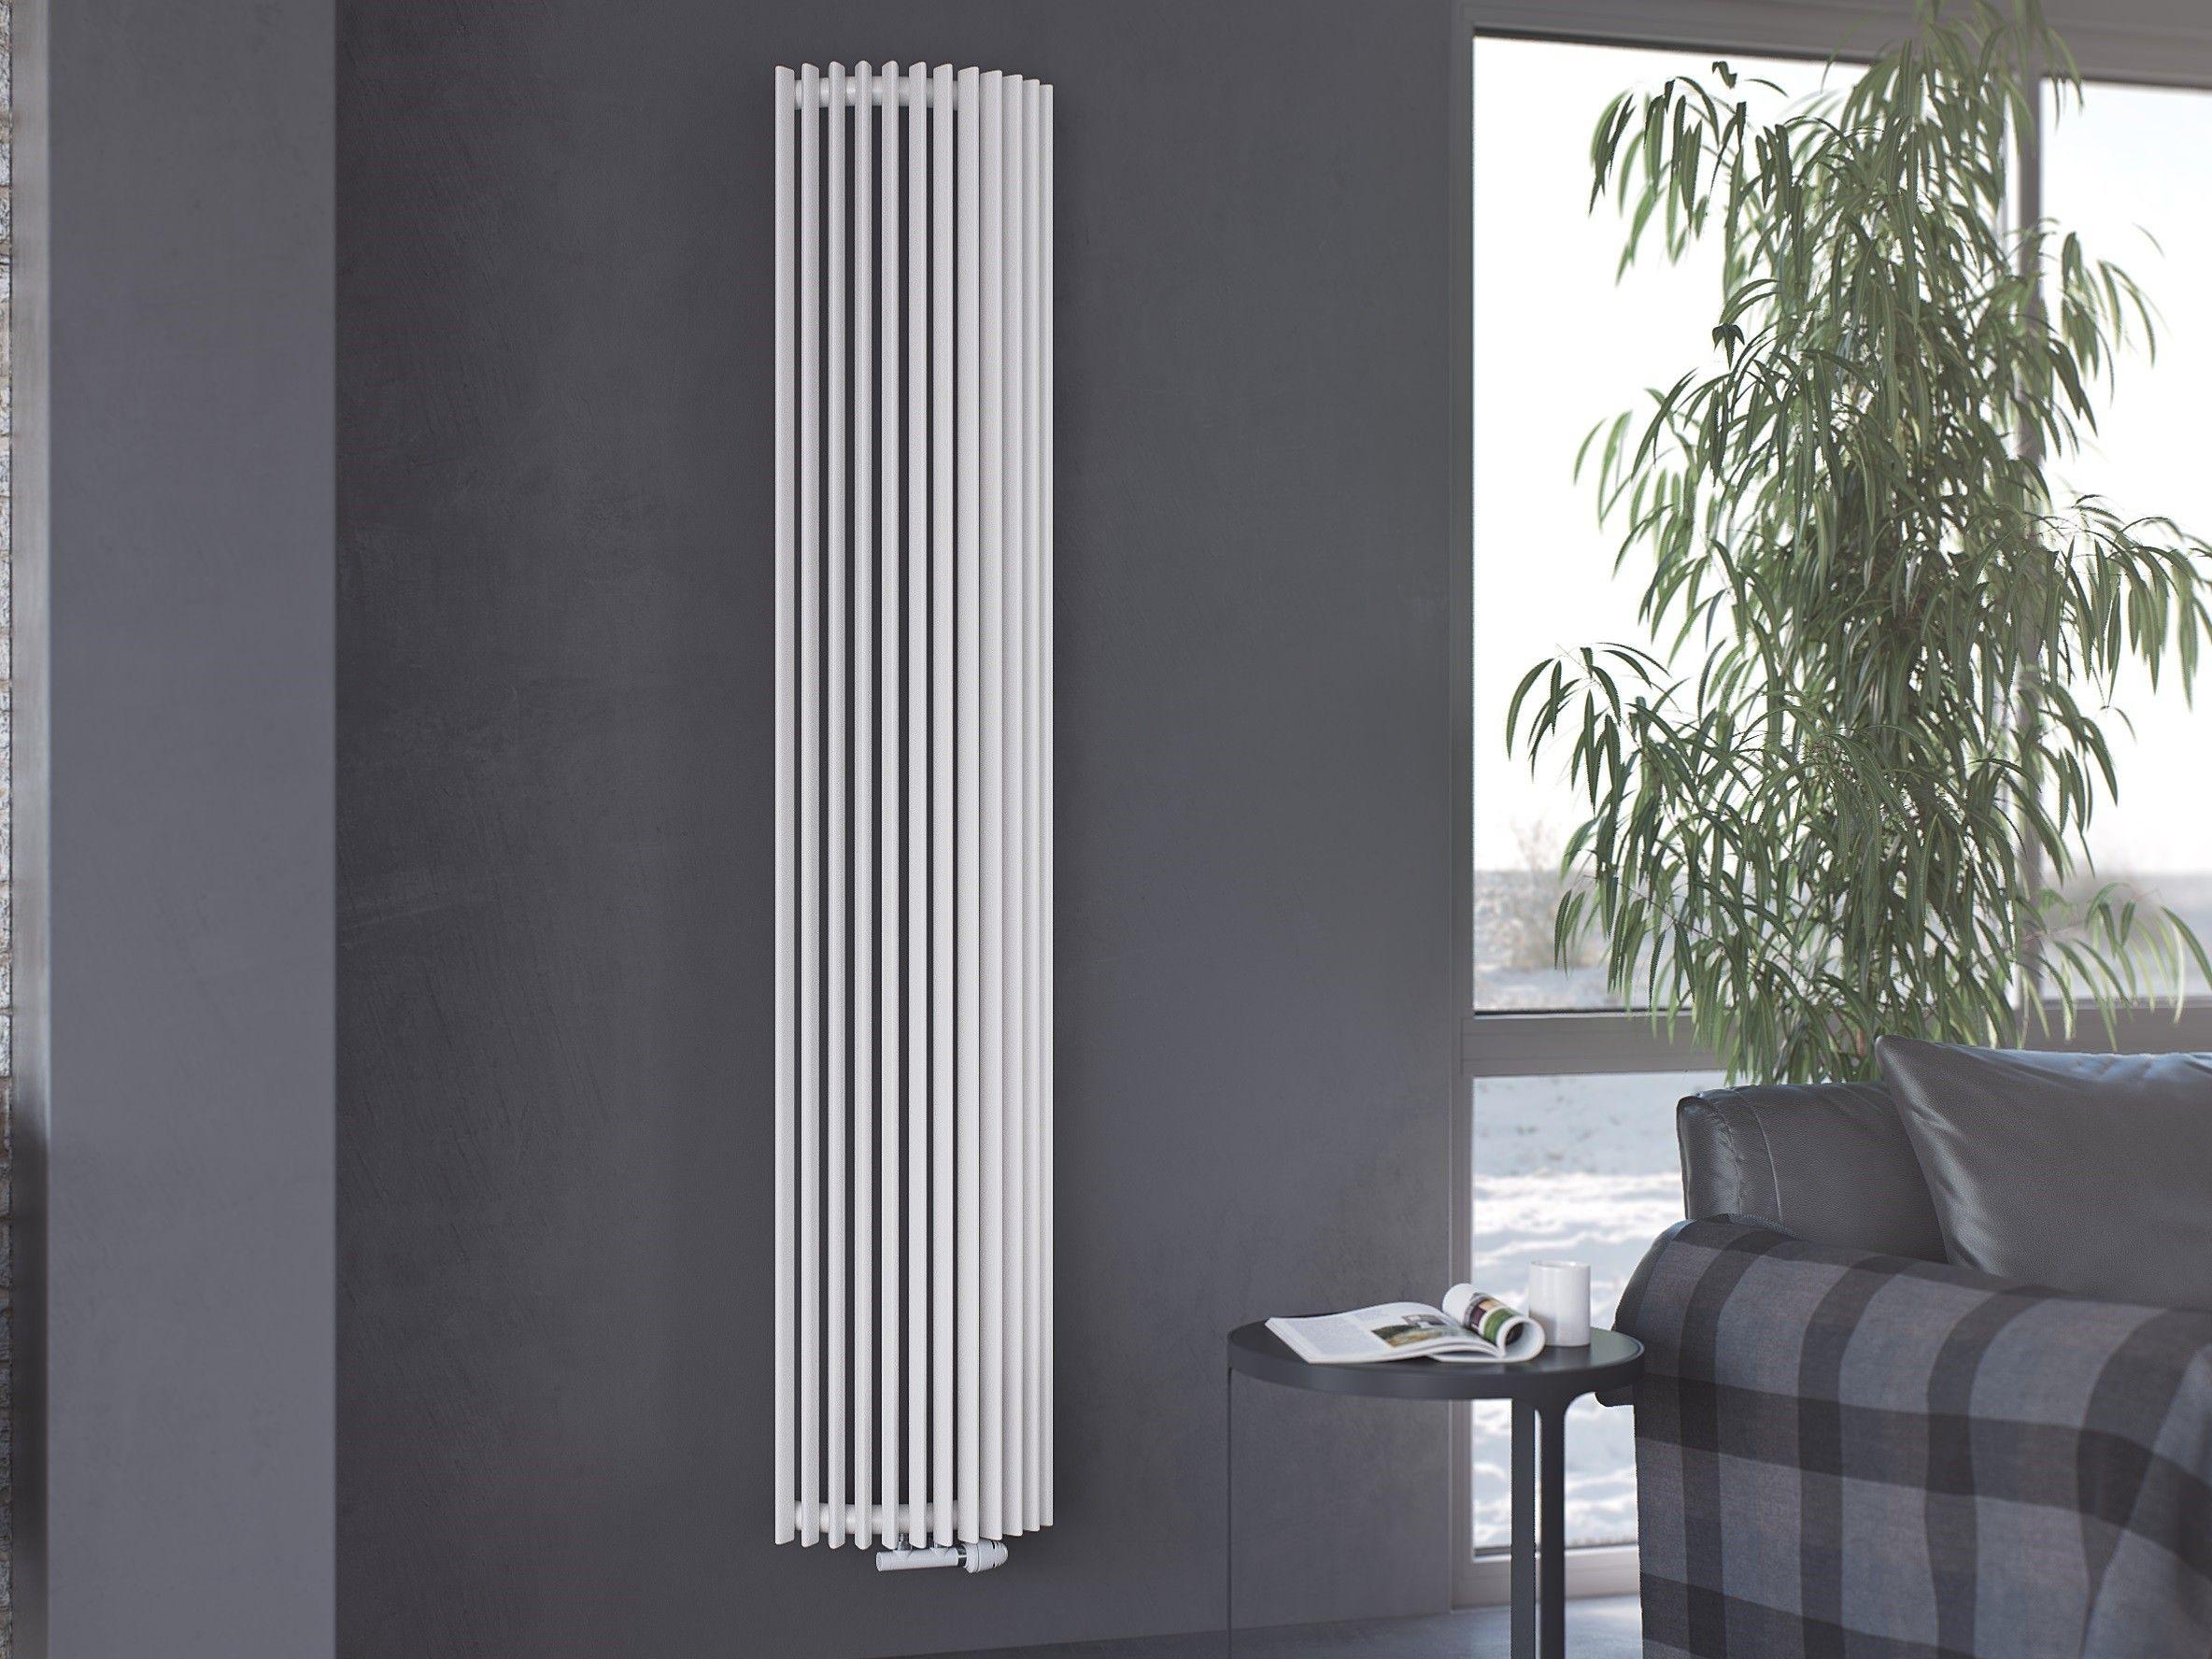 Halbrunde Rohrenheizkorper 180x34 Cm 920 Watt Bad Design Heizung Design Heizkorper Bad Design Wohnen